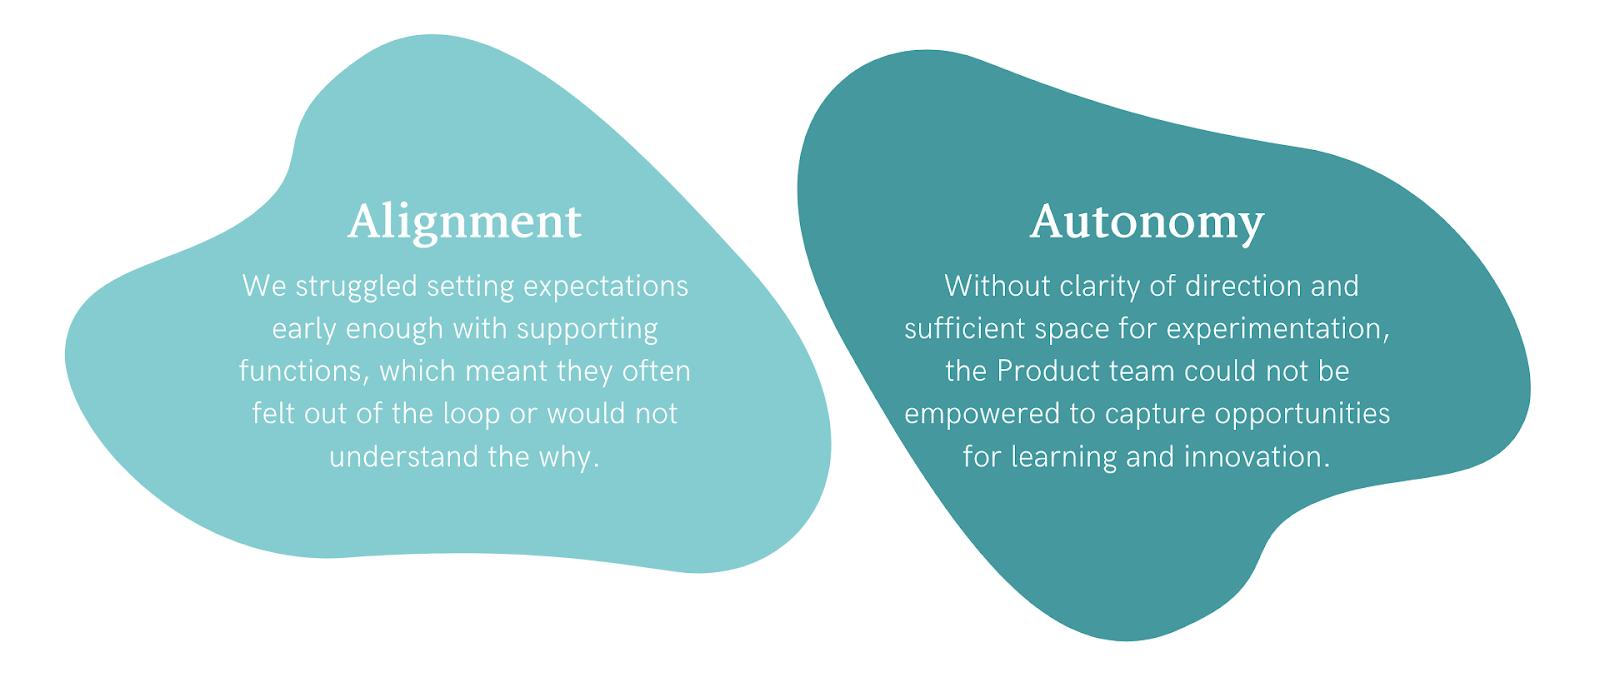 Alignment and Autonomy